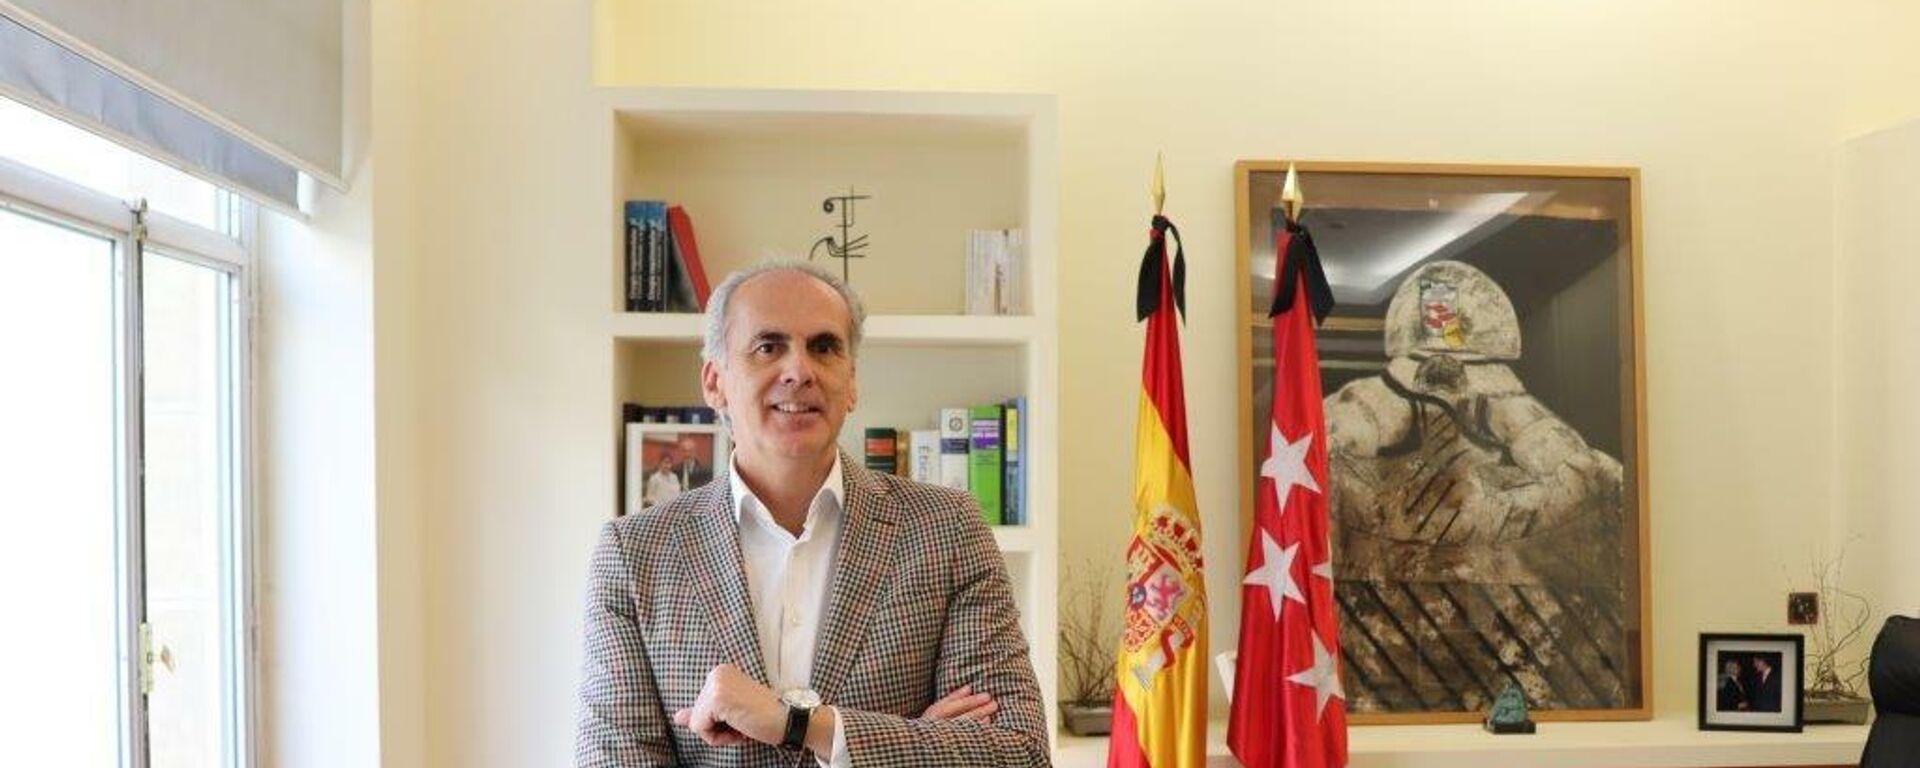 Enrique Ruíz Escudero, Consejero de Sanidad de la Comunidad de Madrid y número dos en las listas del PP para las elecciones del 4 de mayo - Sputnik Mundo, 1920, 20.04.2021